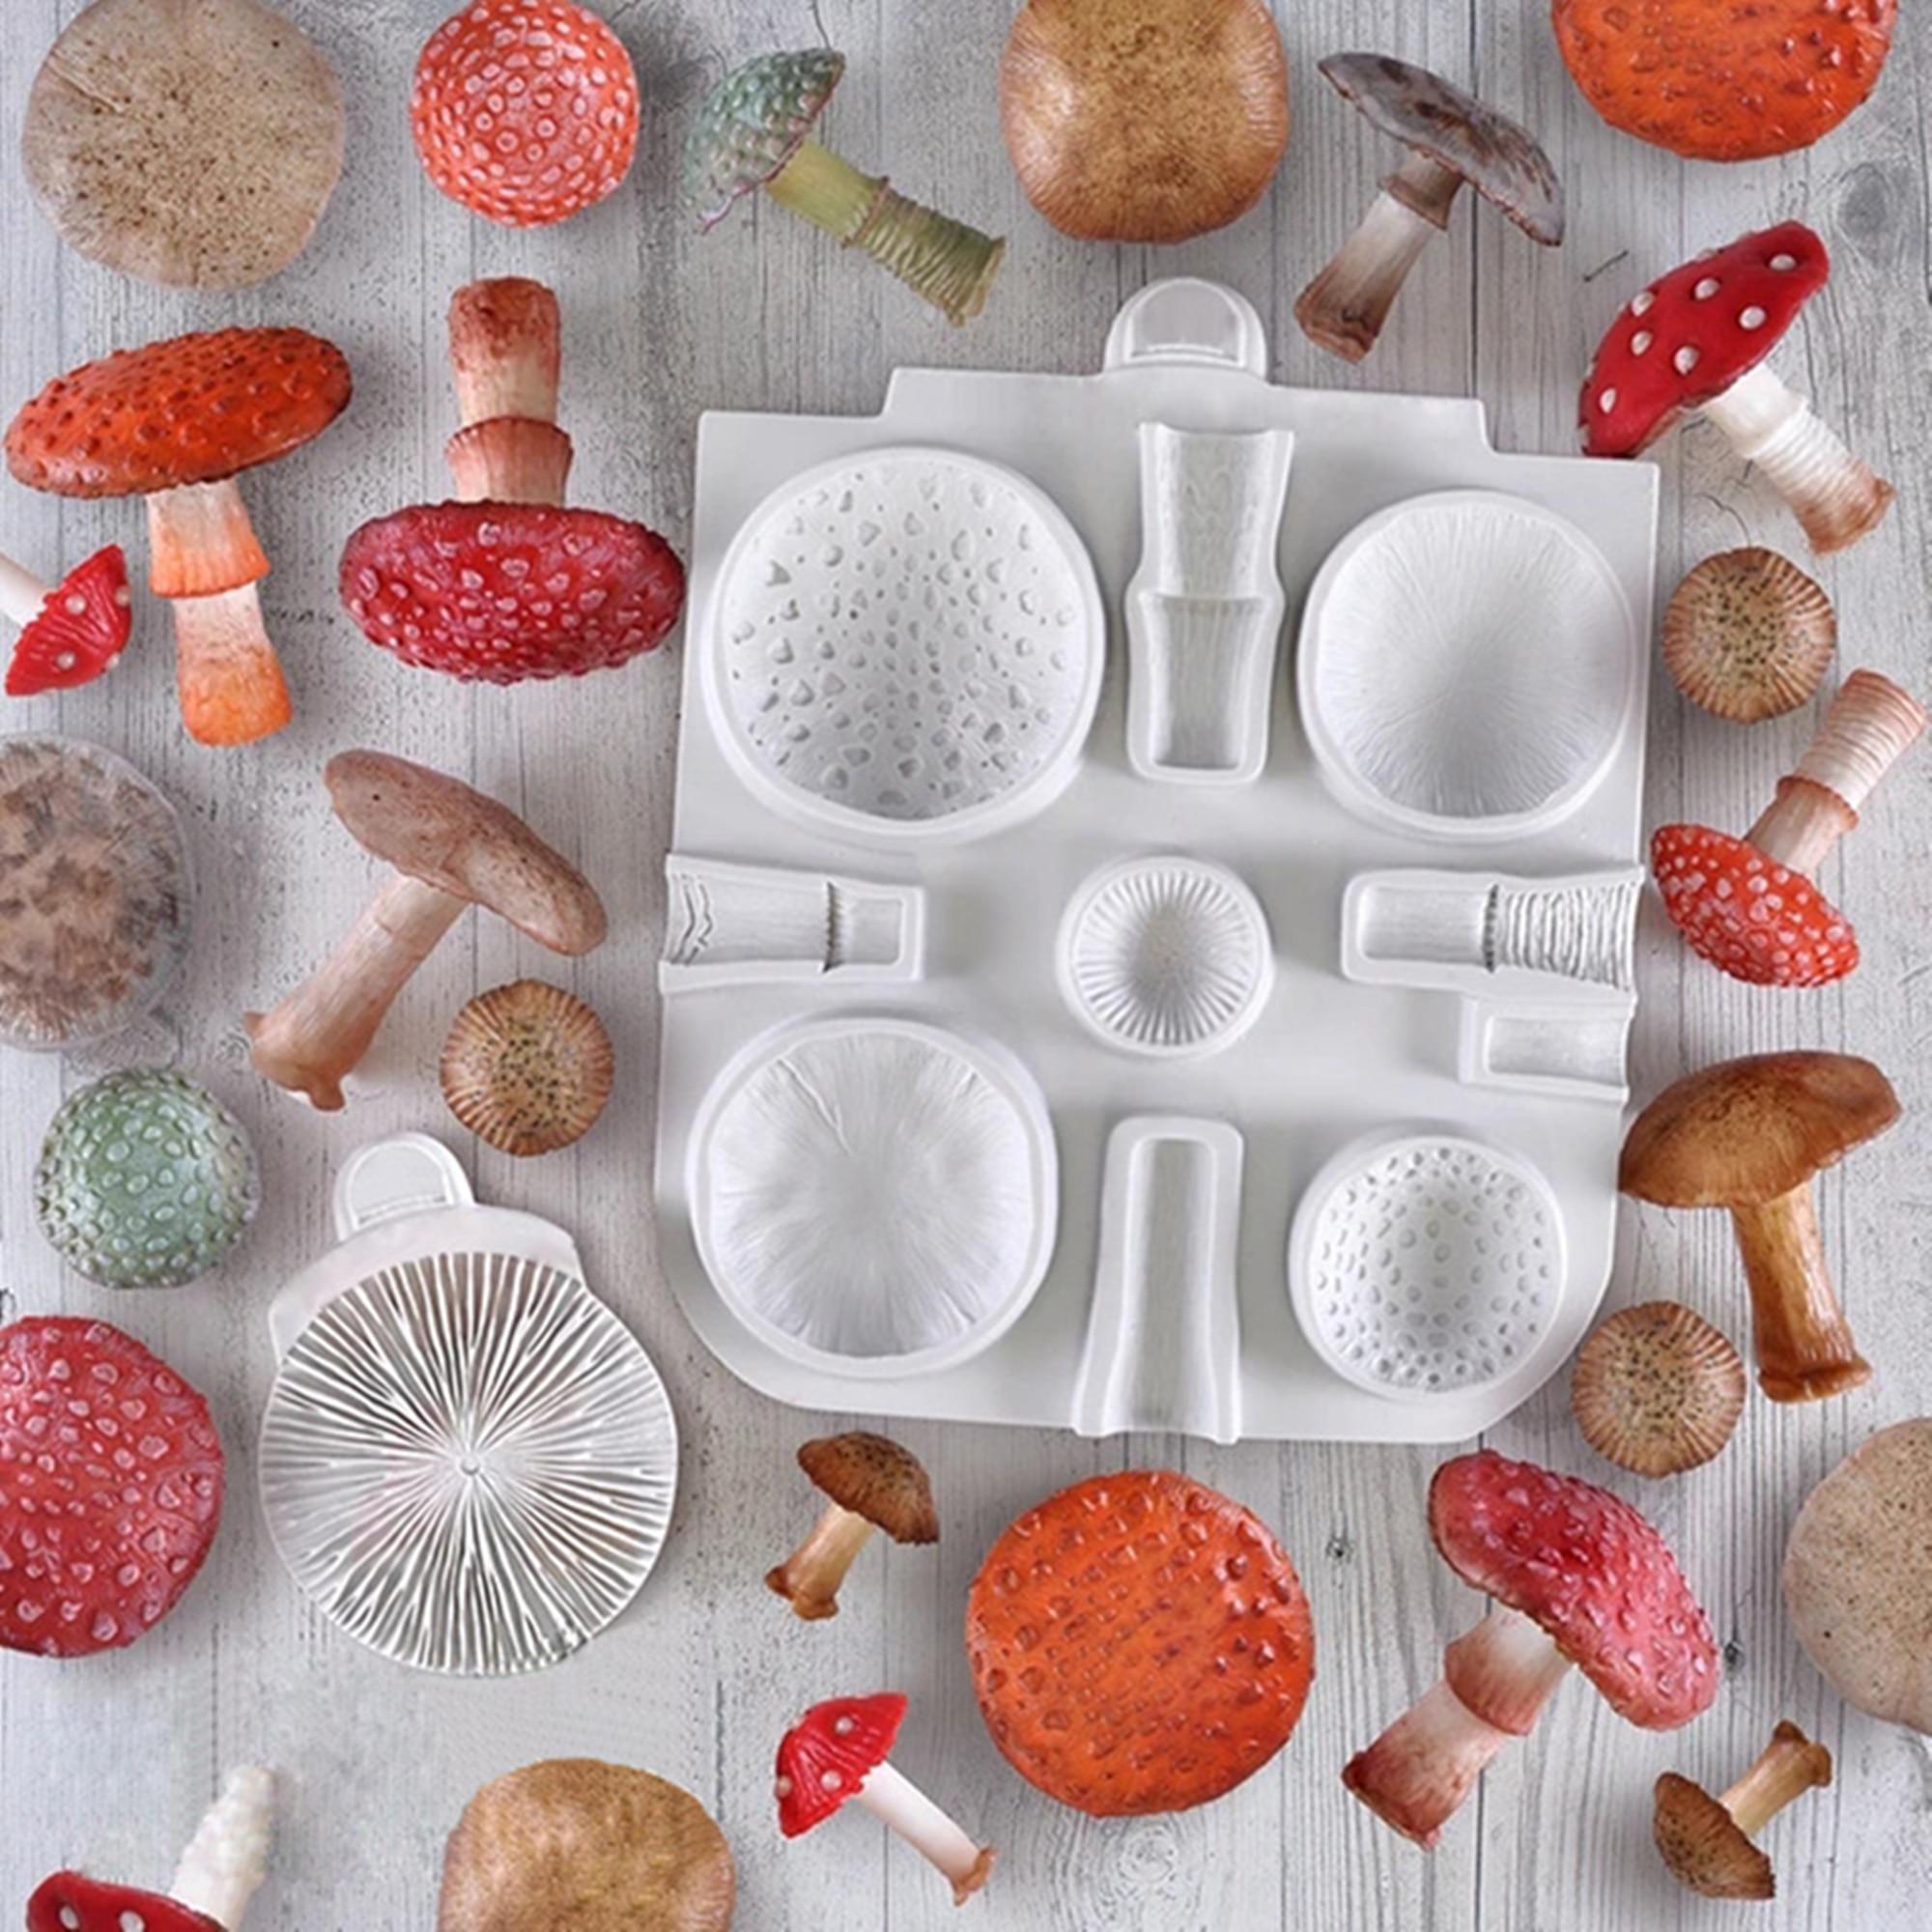 Силиконовые формы для помадки в виде больших грибов, инструменты для украшения свадебного торта, формы для выпечки шоколадной смолы